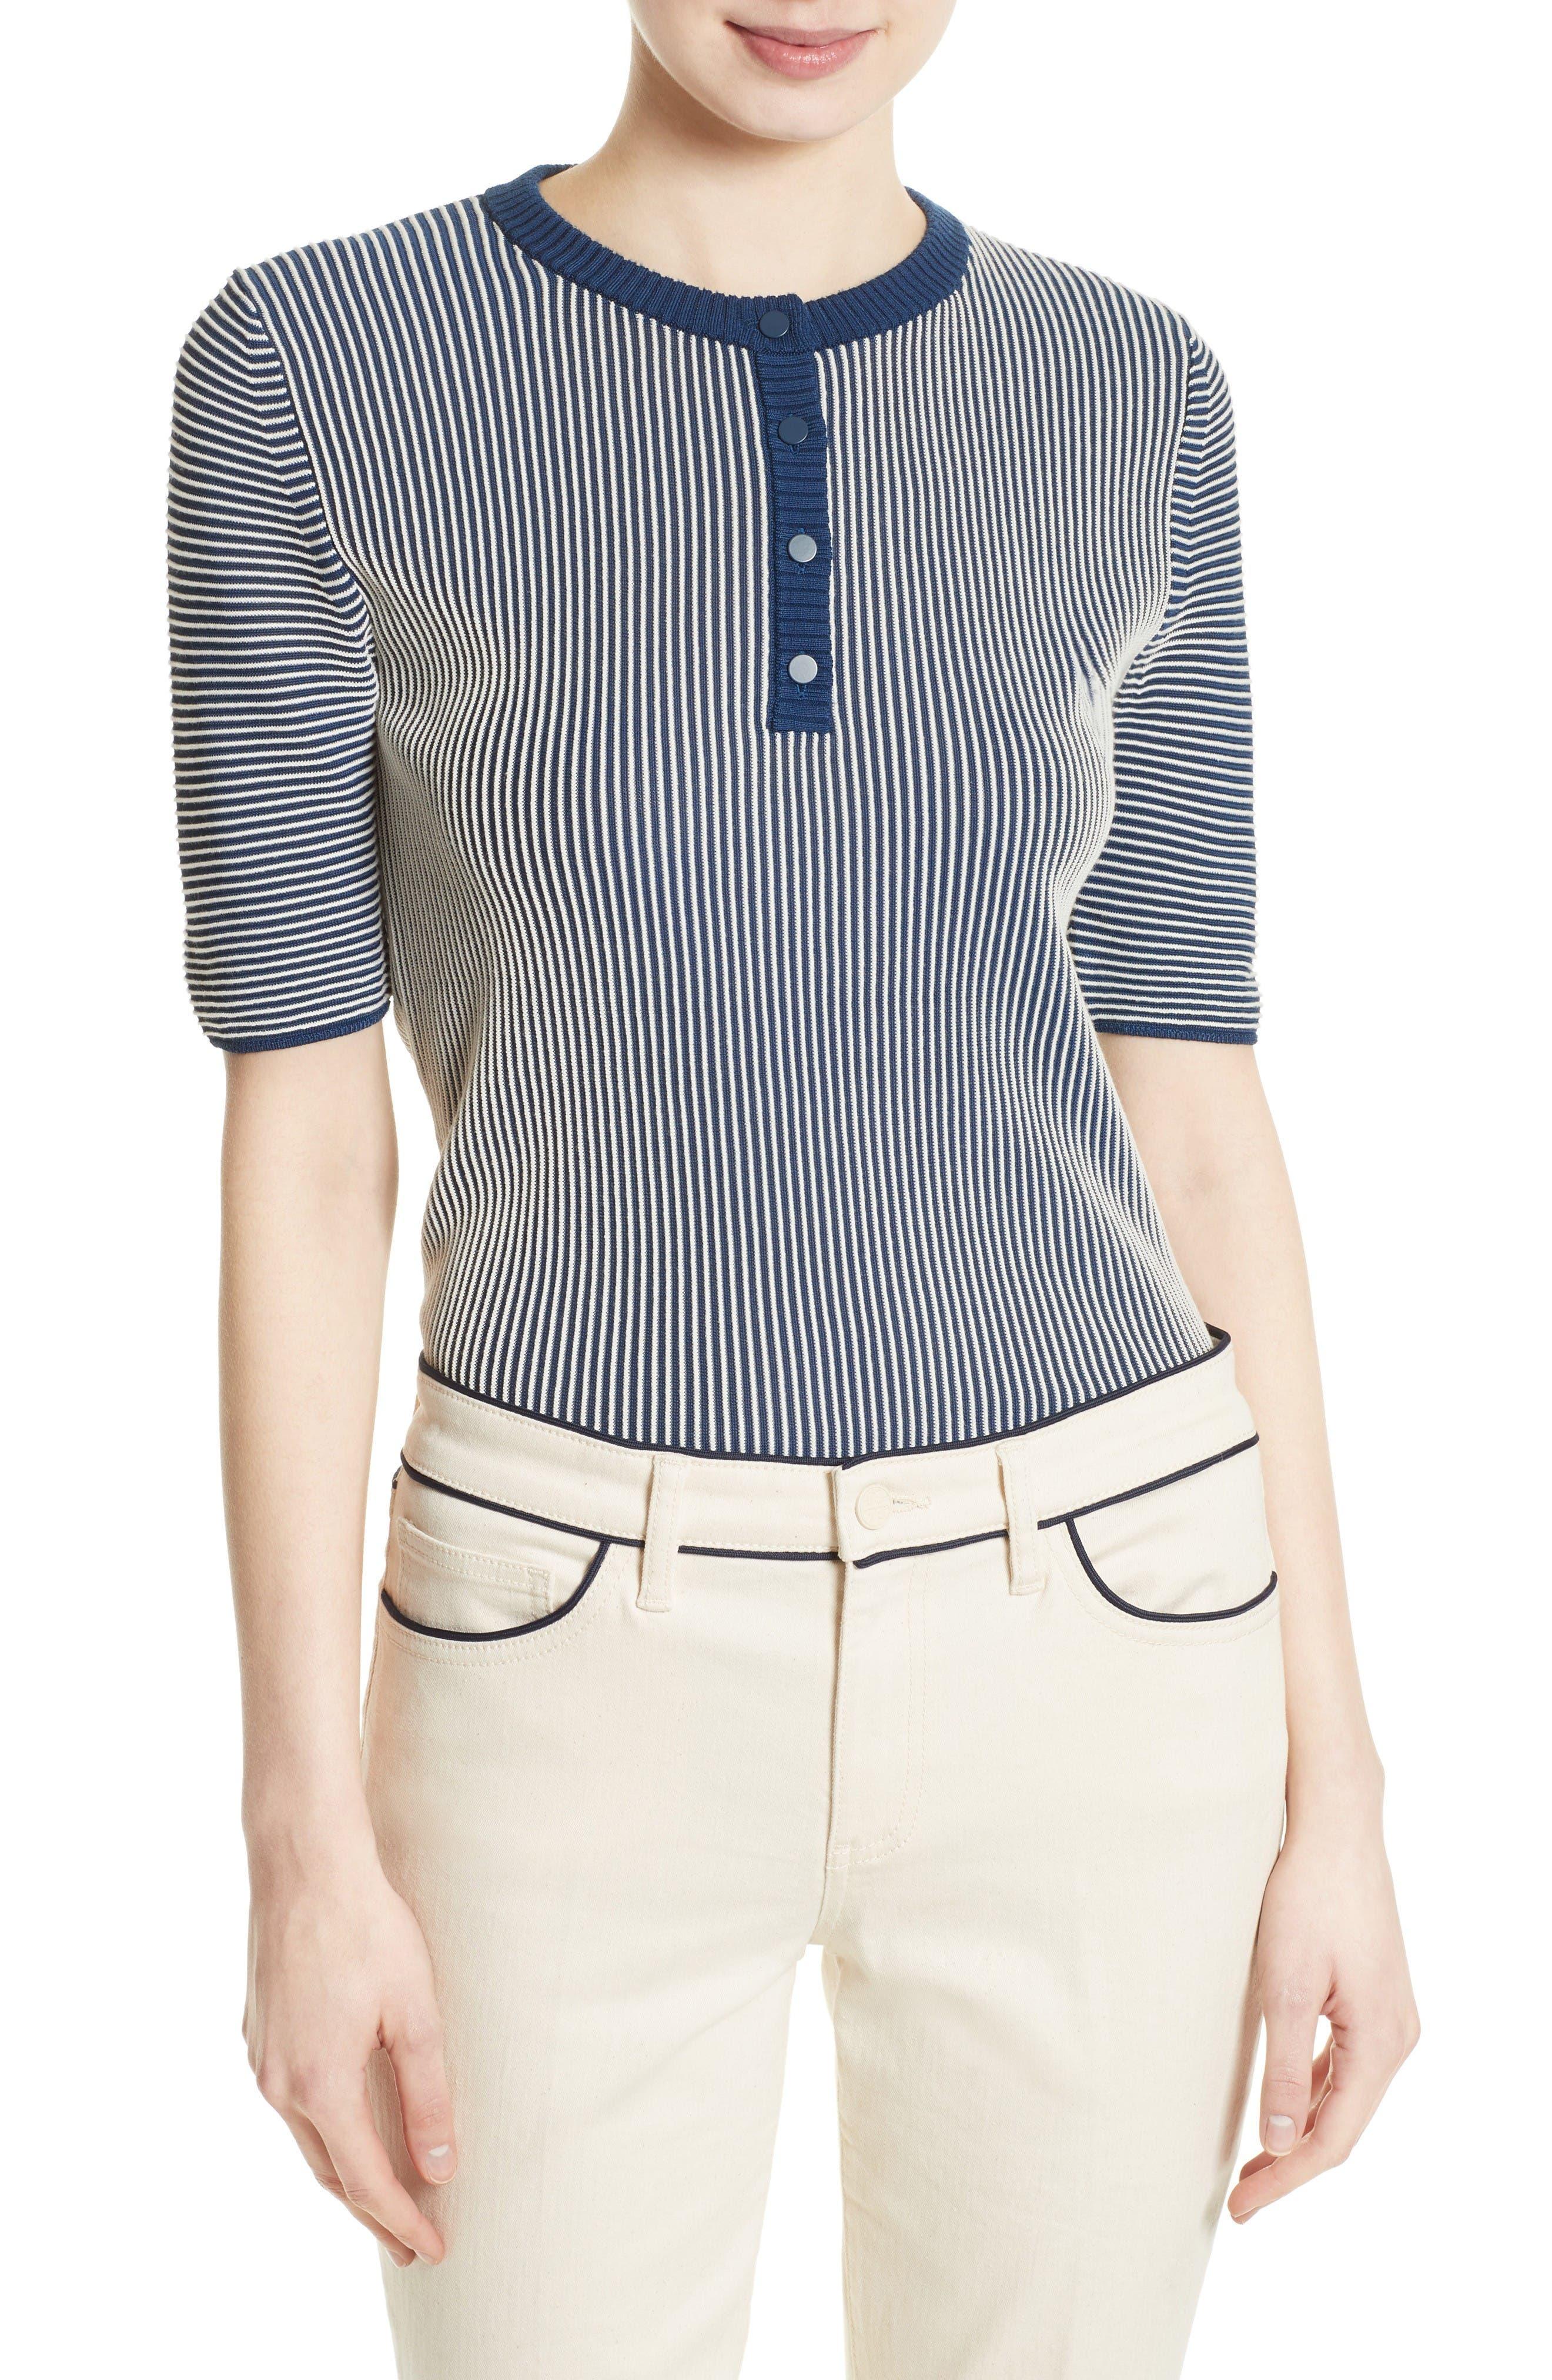 Tory Burch Kara Stripe Sweater